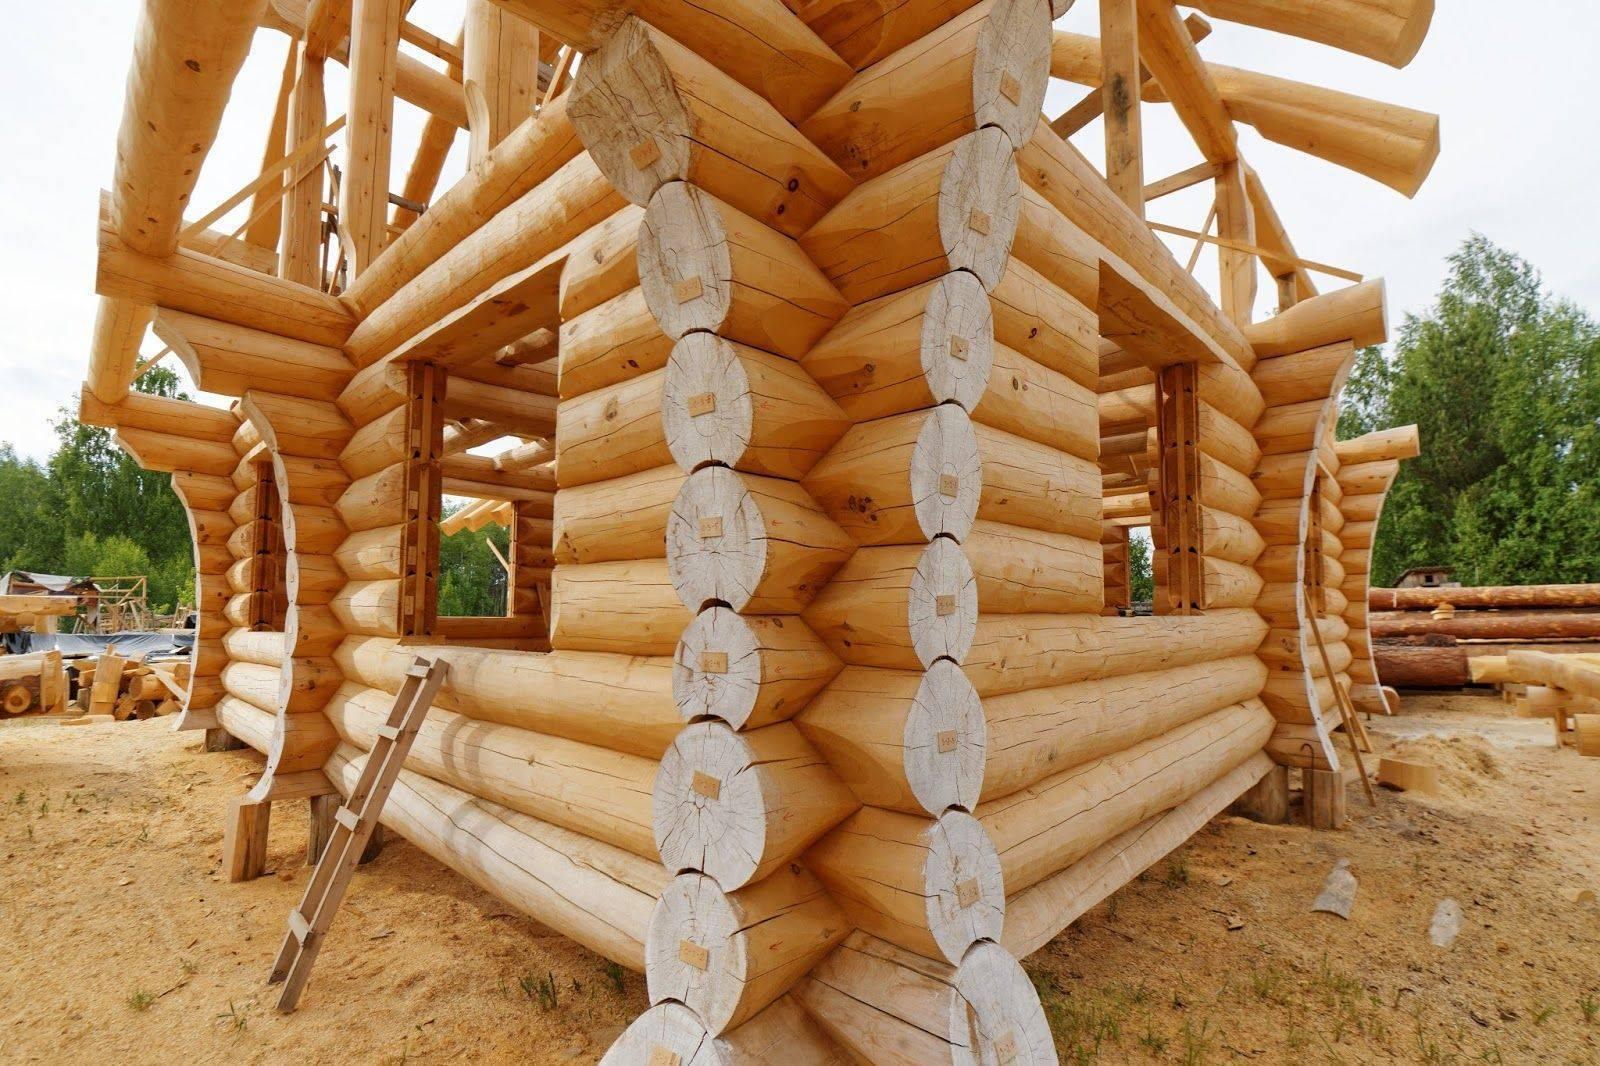 Дома из бревна, как построить качественное и теплое жилище, технология сборки бревенчатого сруба | ecodom.guru | деревянные дома | яндекс дзен